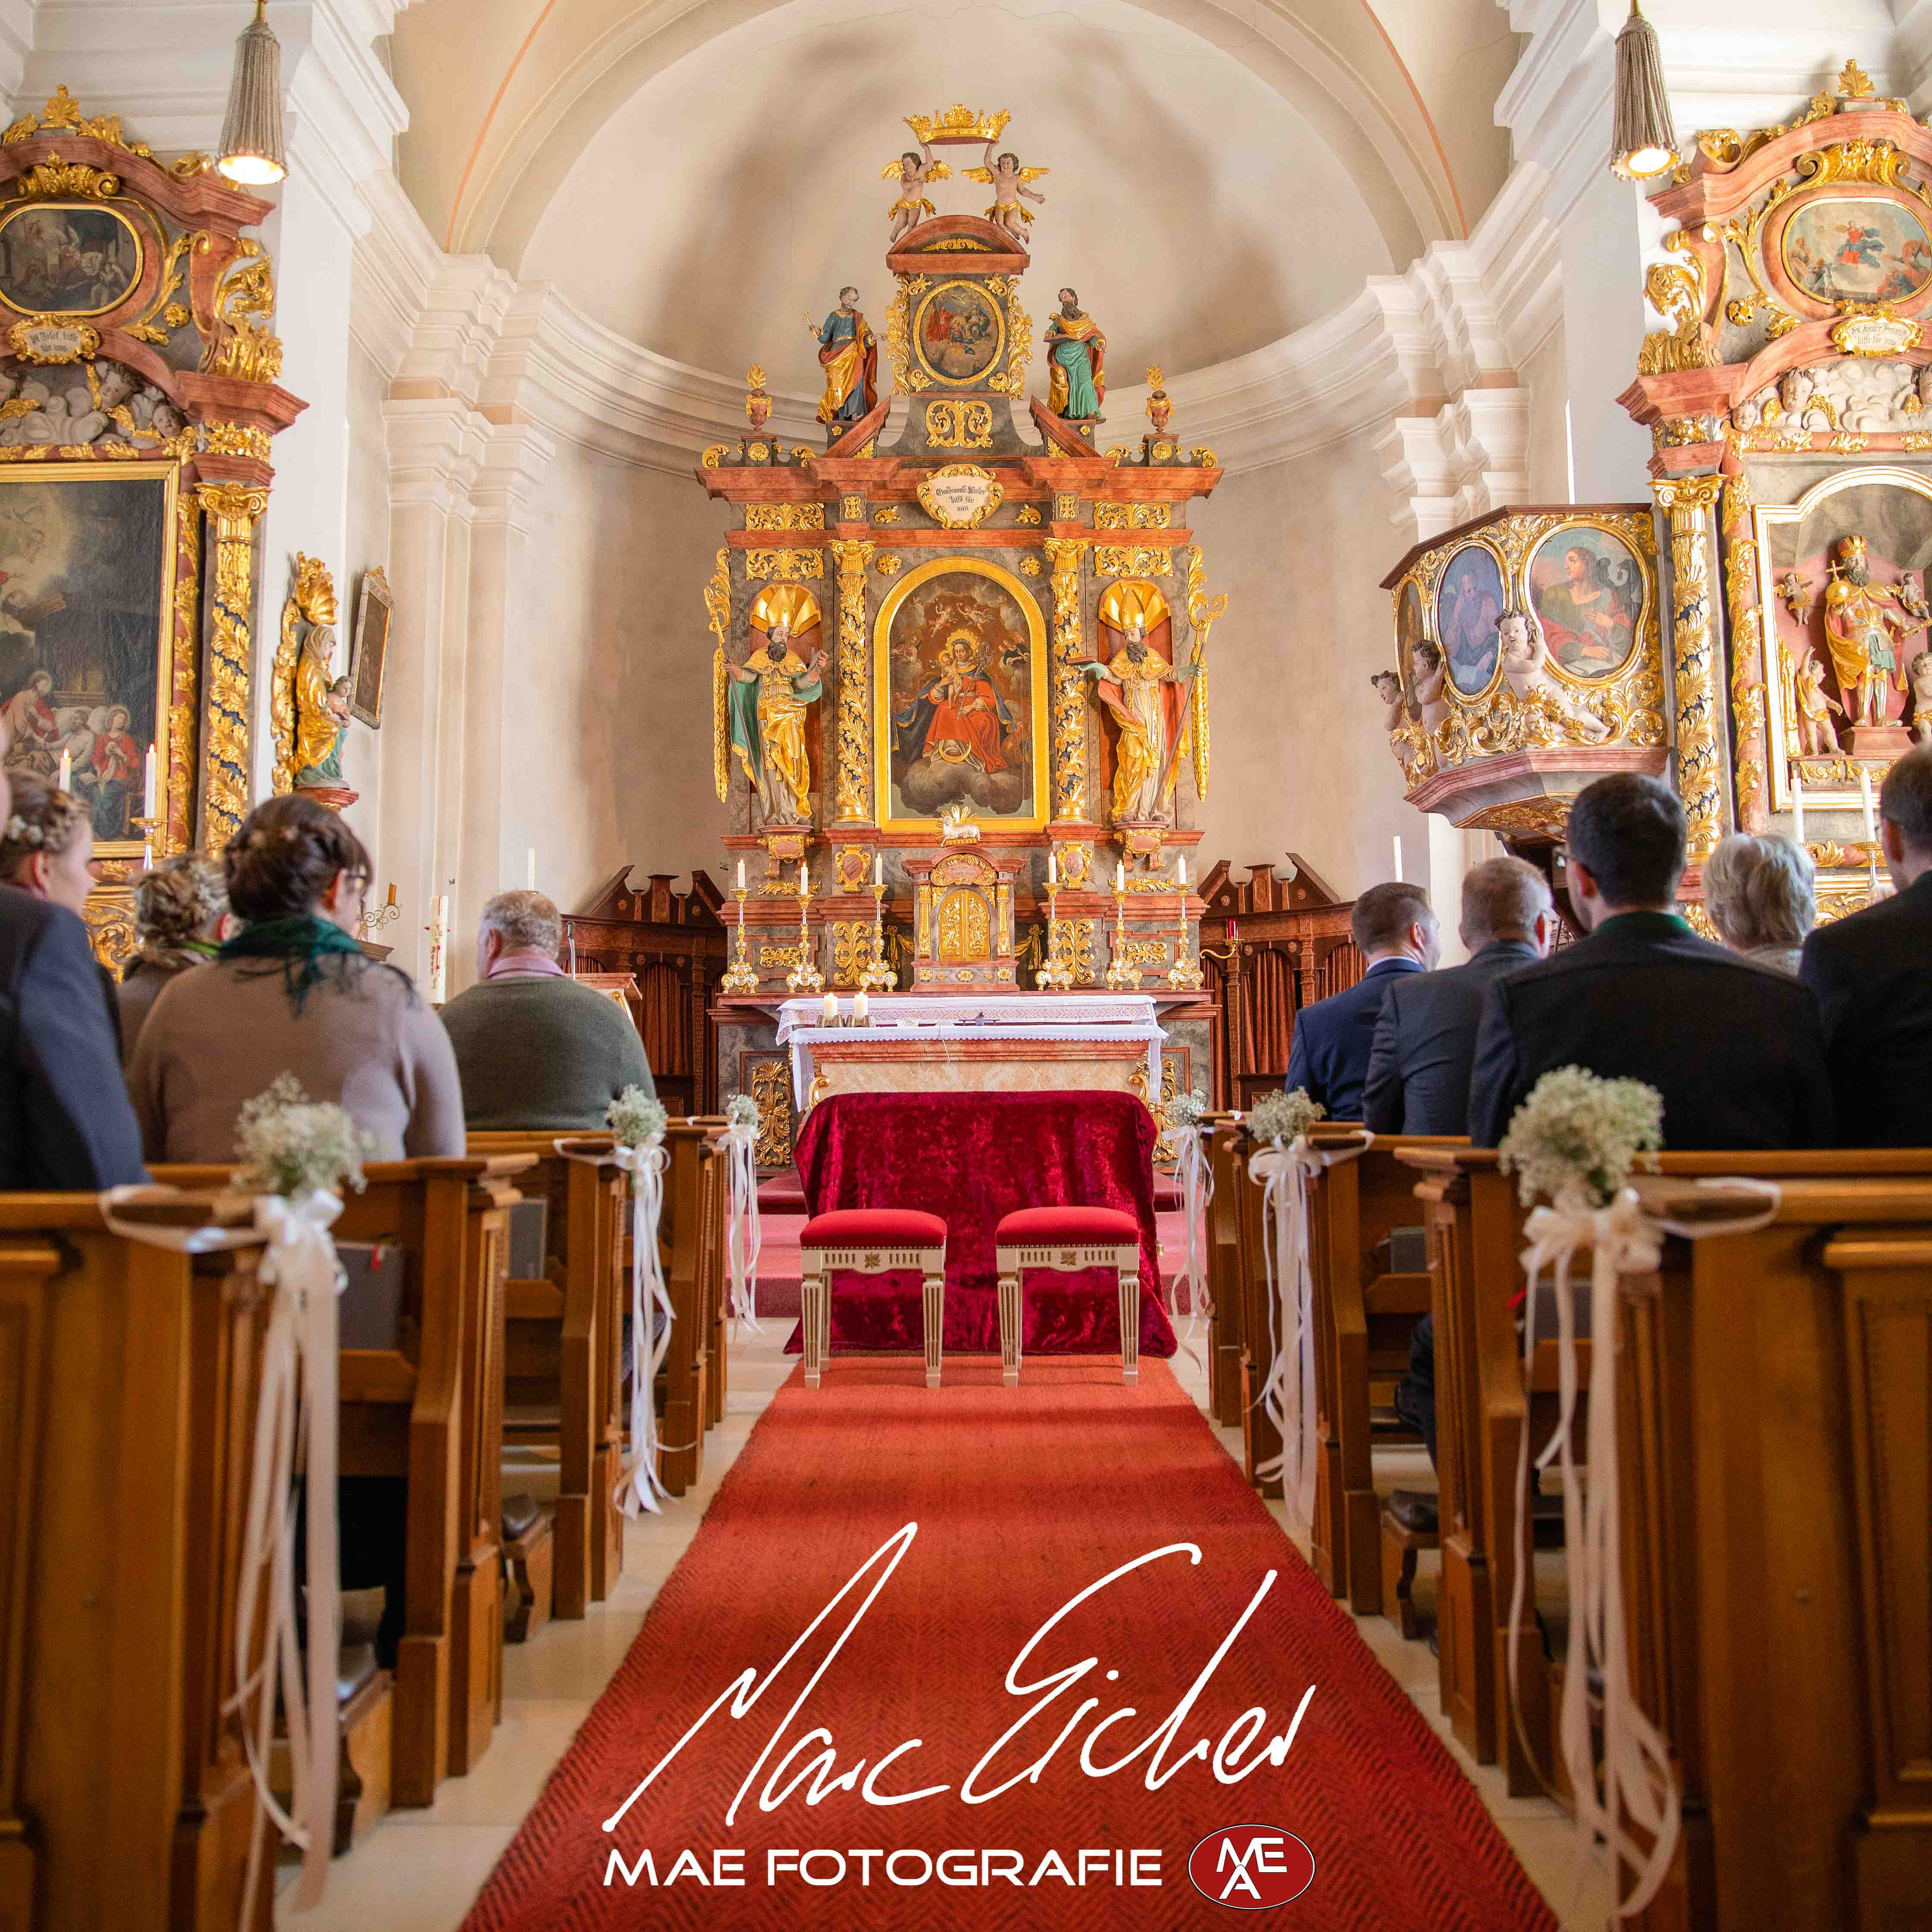 Hochzeitsfotografie_MAE-PIC-4.jpg